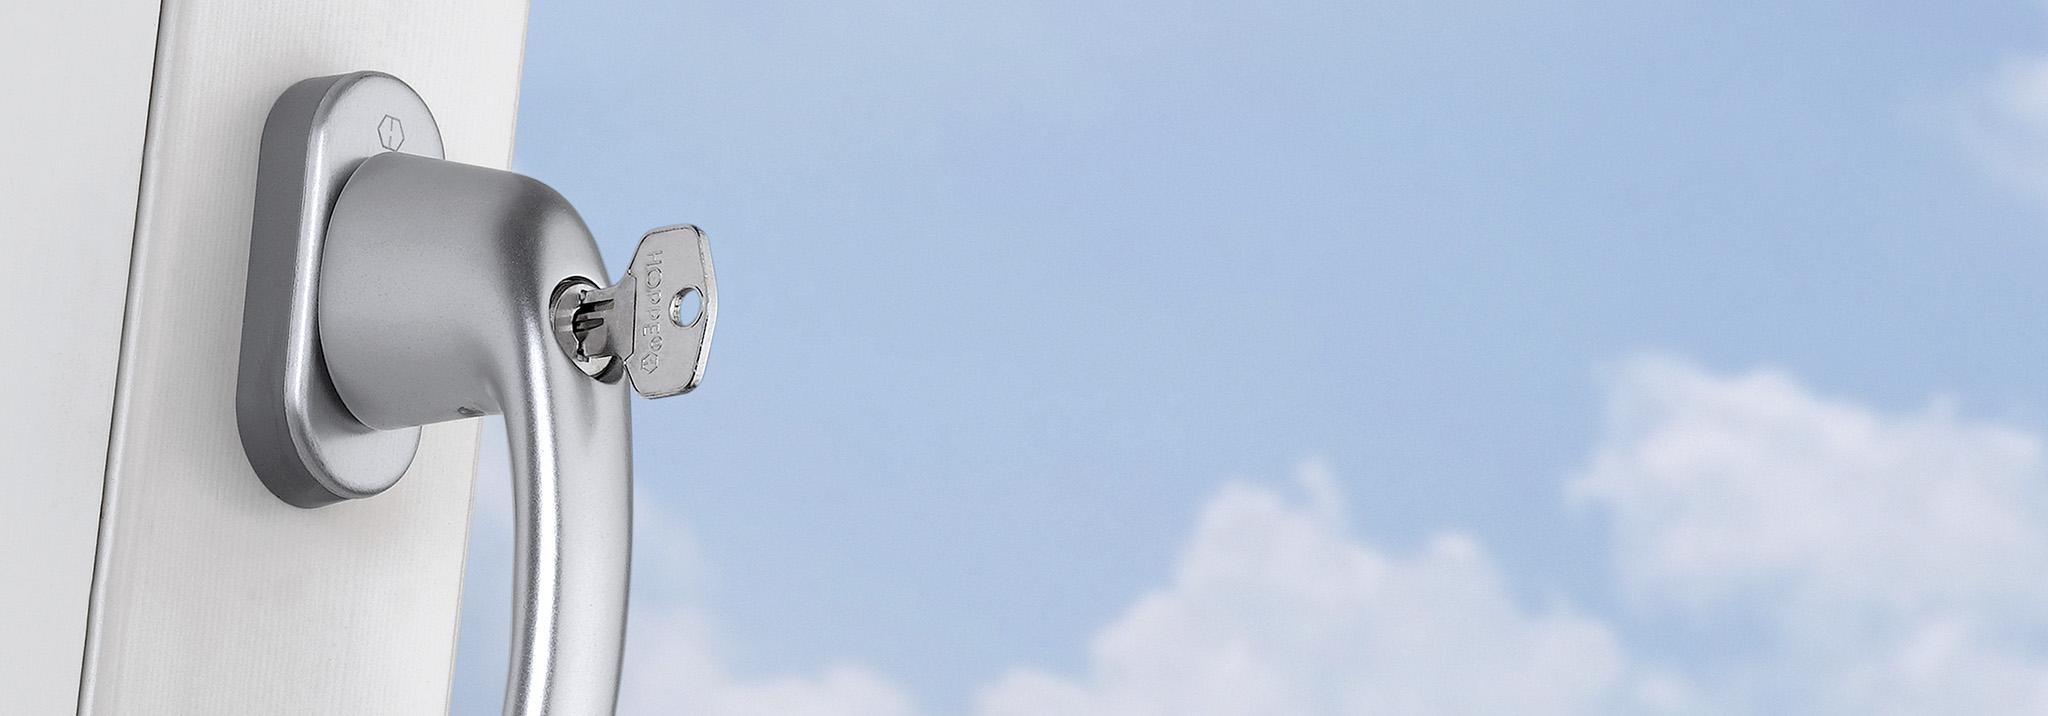 Chránící a pohodlné – okenní kliky se Secu100® nebo Secu200®